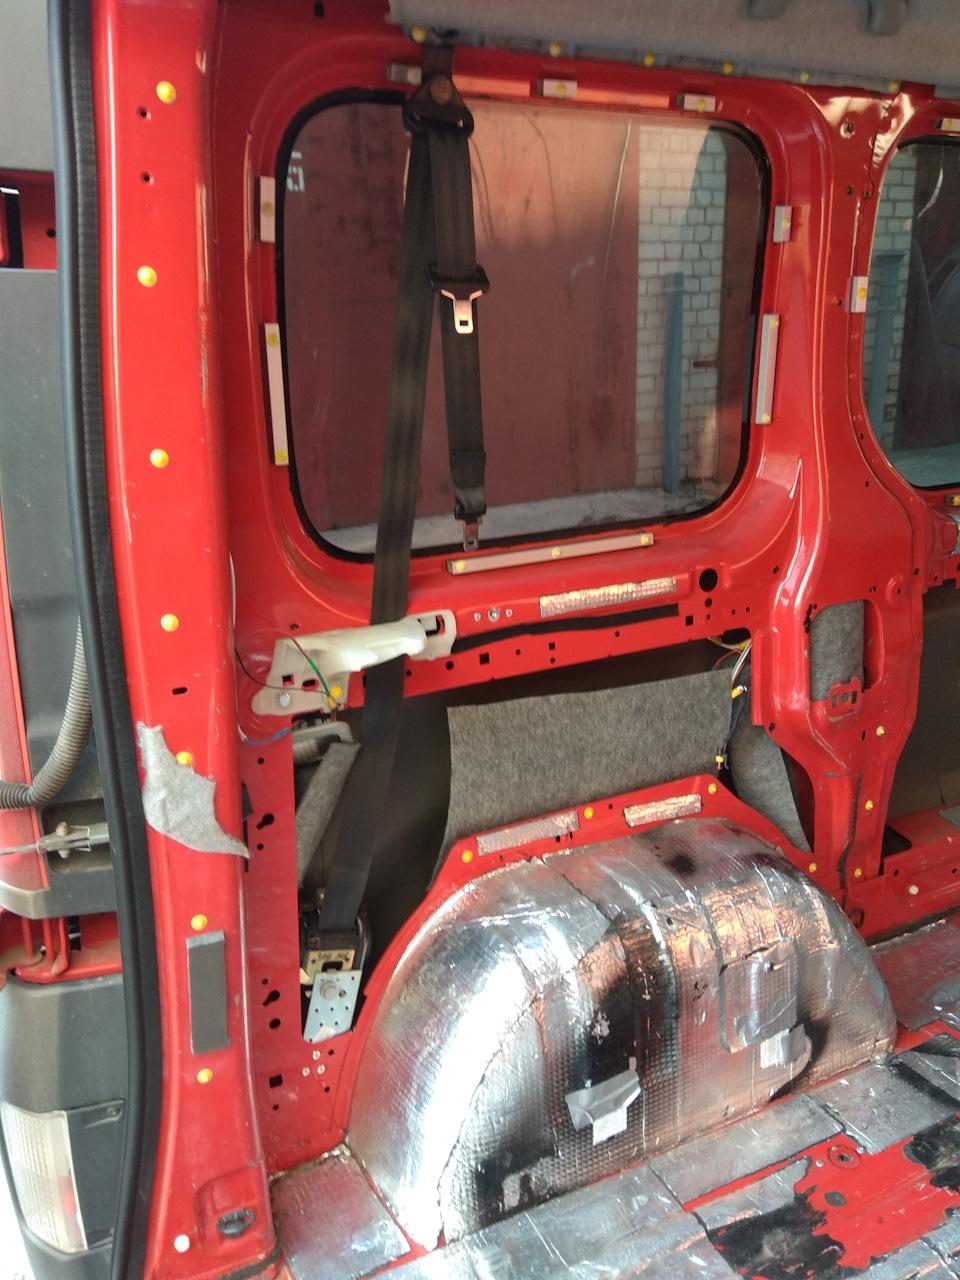 Задні ремені безпеки - кріплення котушки - ЯК? - Пост 435491 - Фото 1